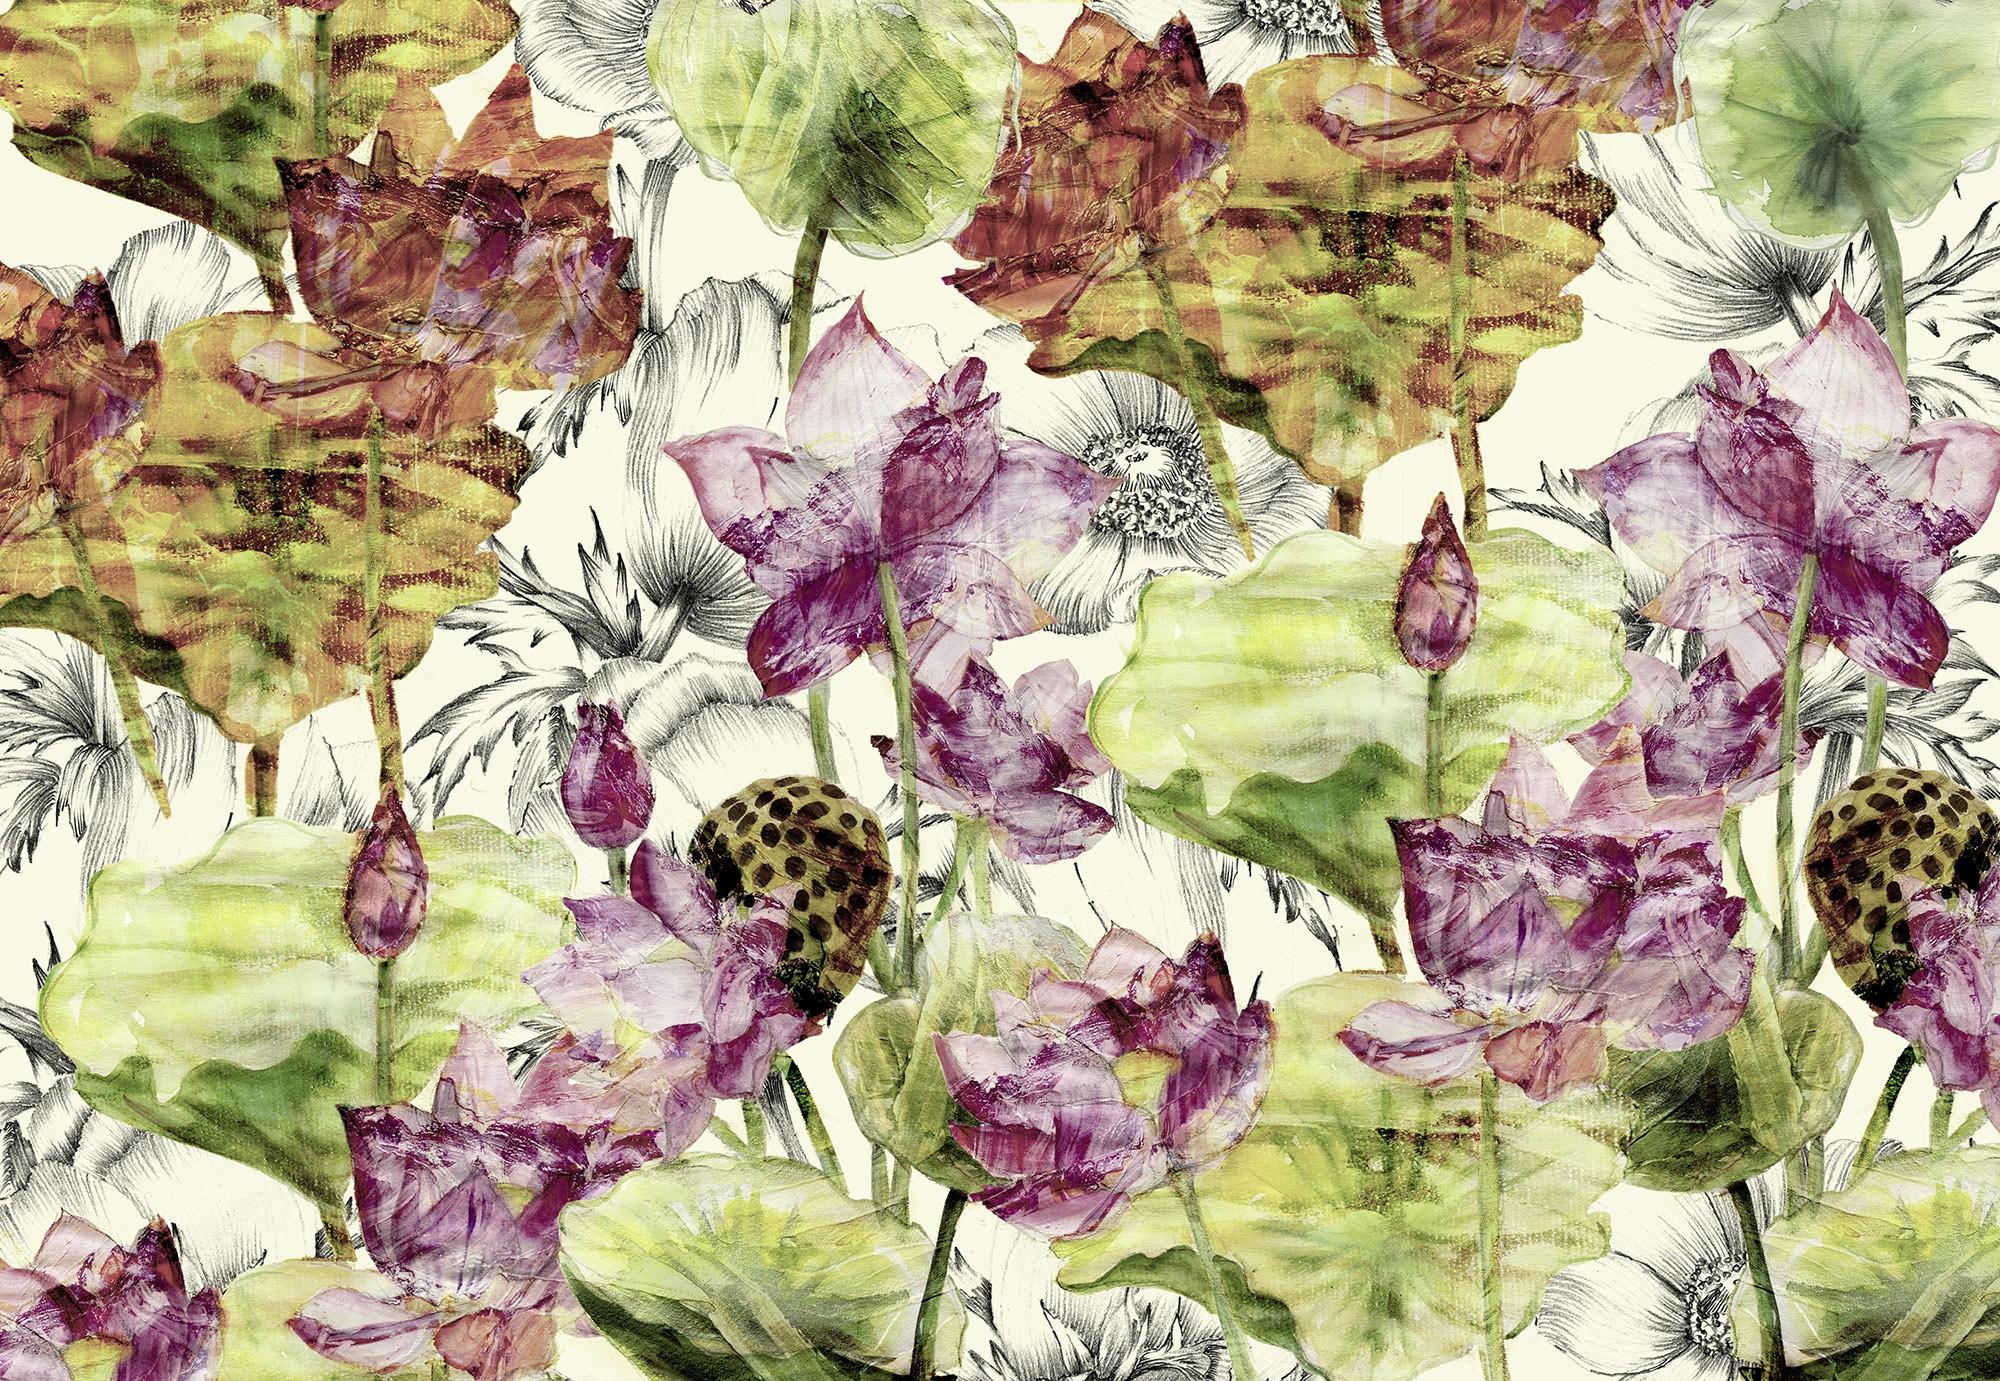 Absztrakt lótuszvirág fali poszter